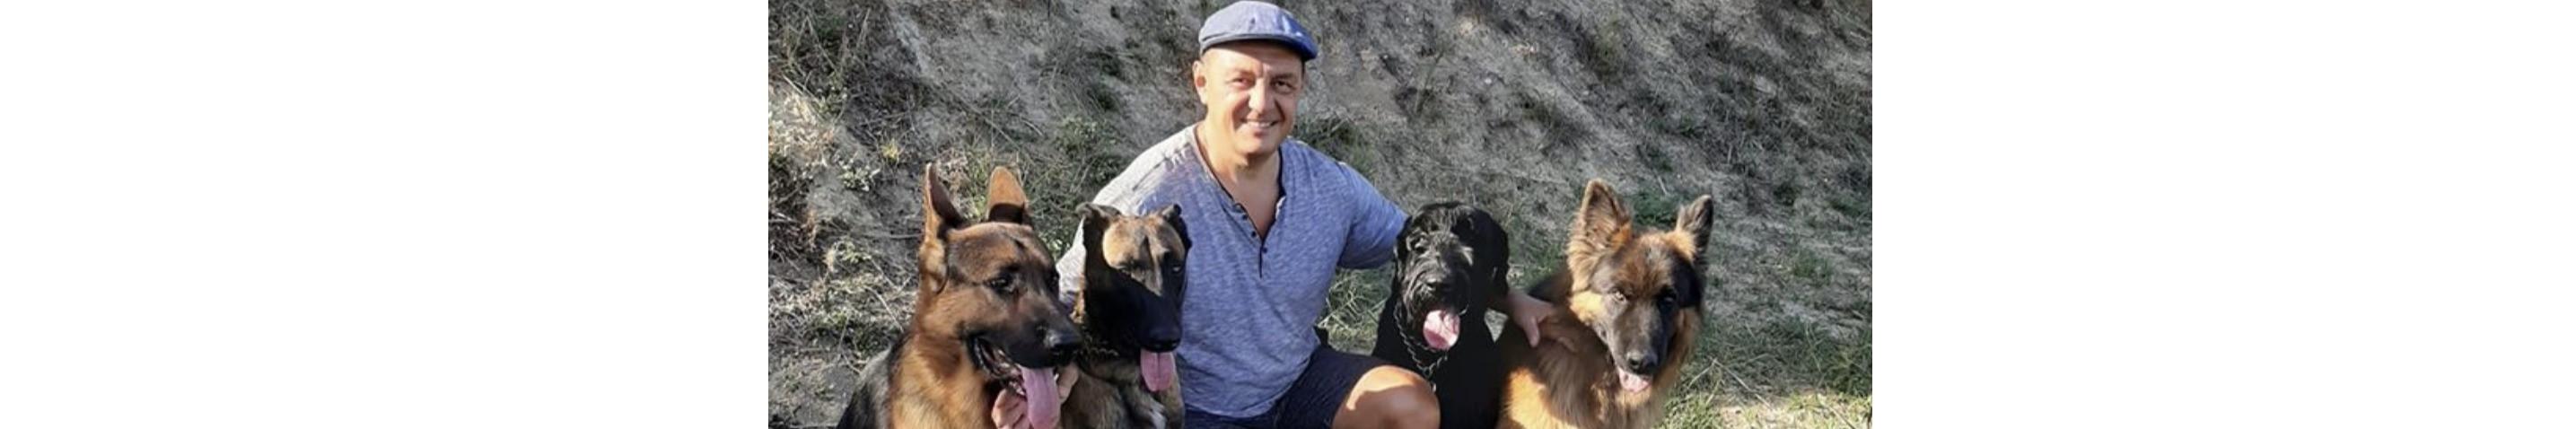 Инструктор по дрессировке собак - Дрессировщик собак